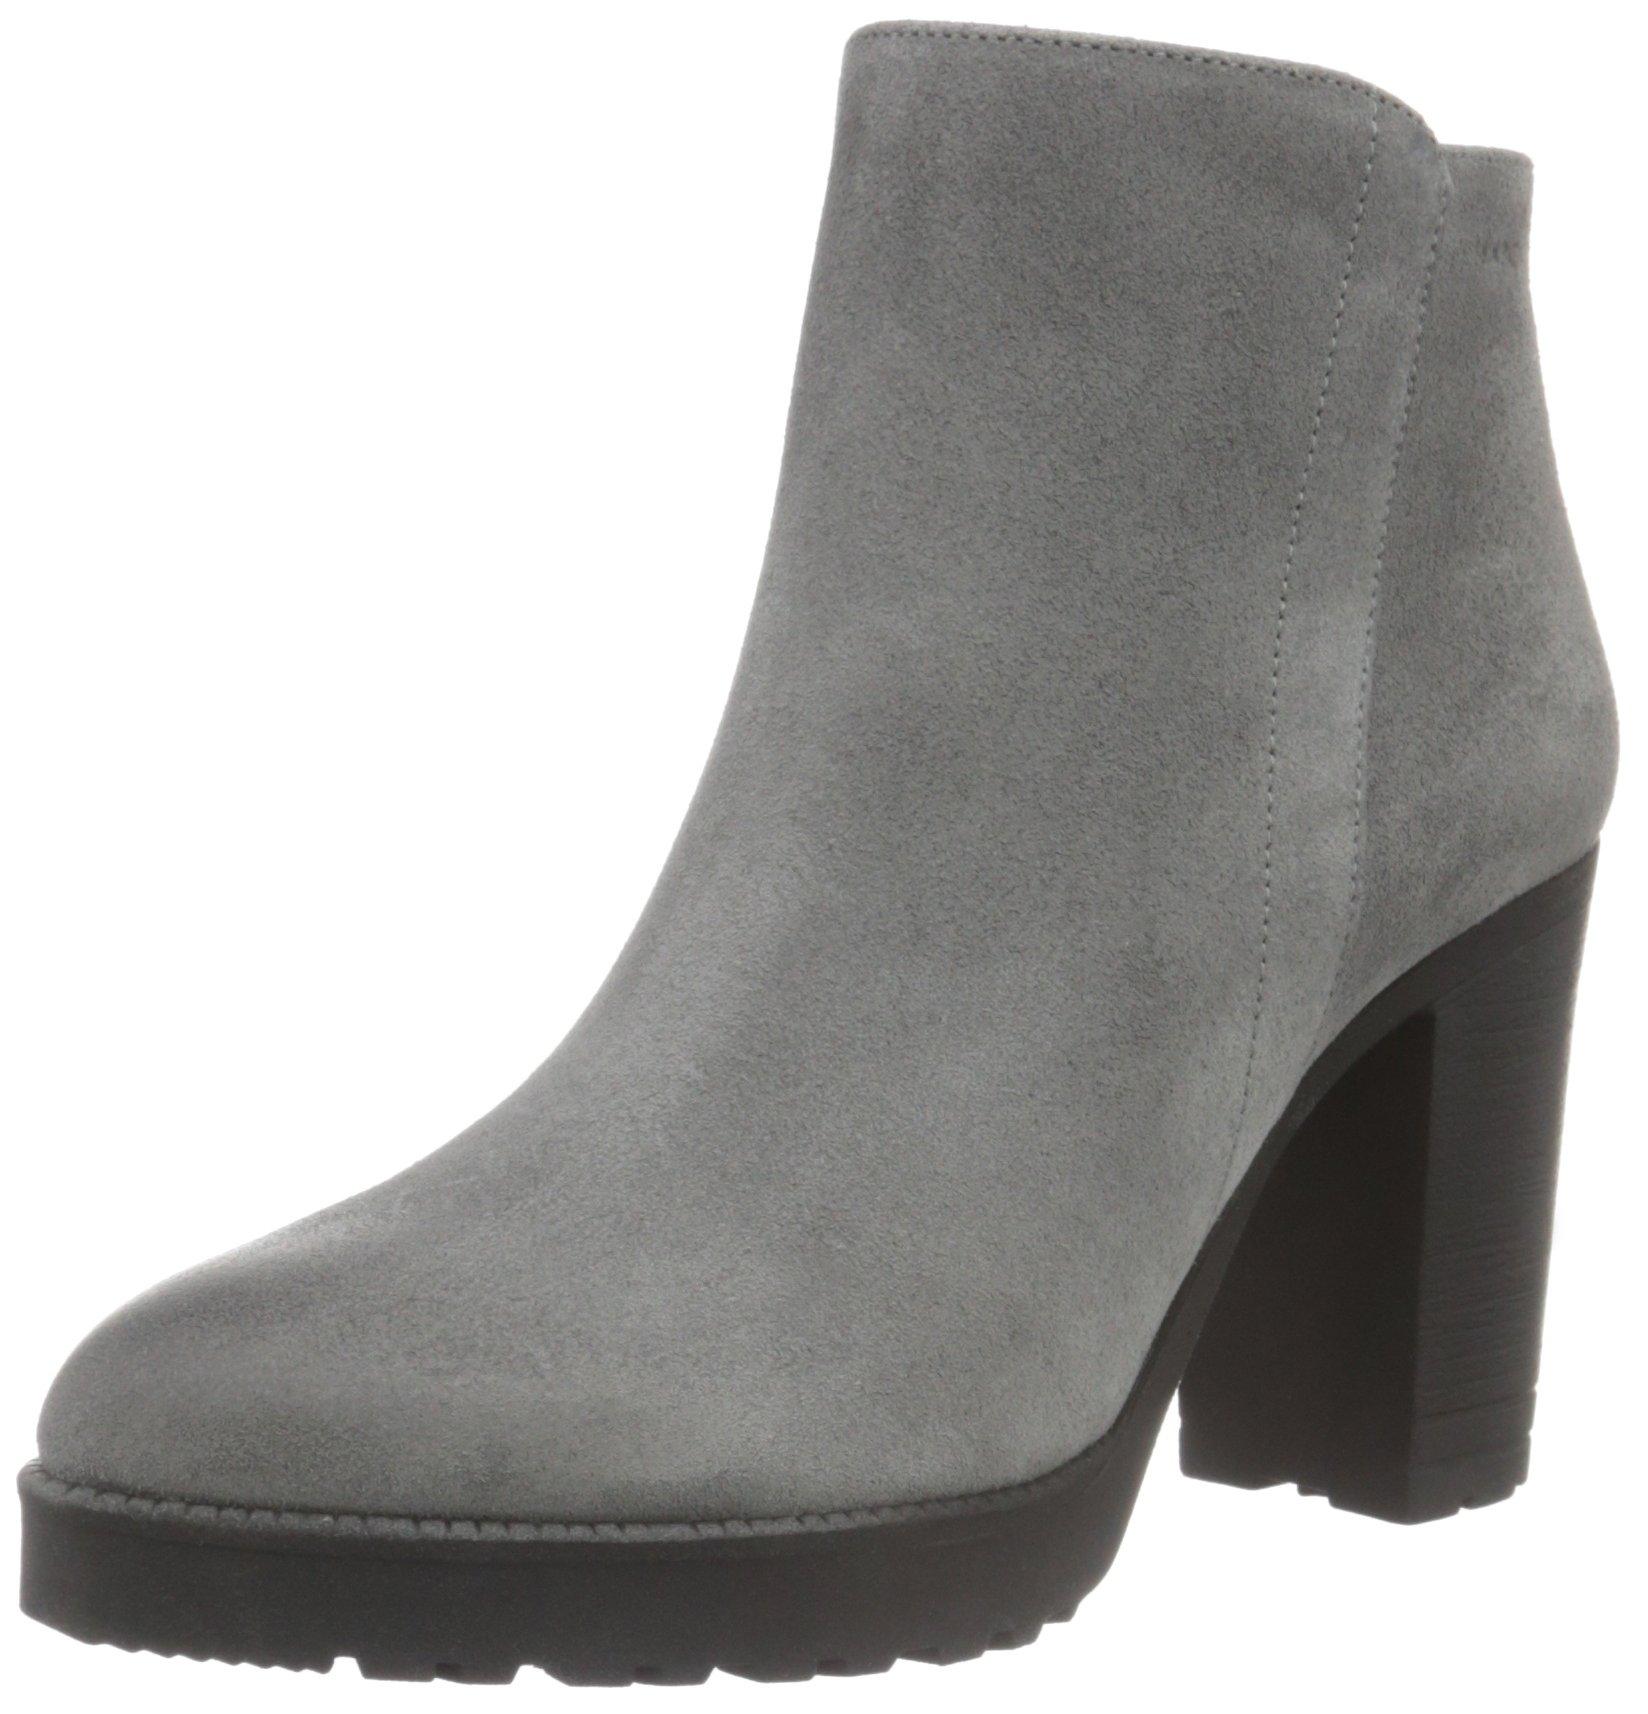 Marc 50003Bottes 0013340 Classiques Shoes Eu FemmeGrisgrey 54Lq3AjR